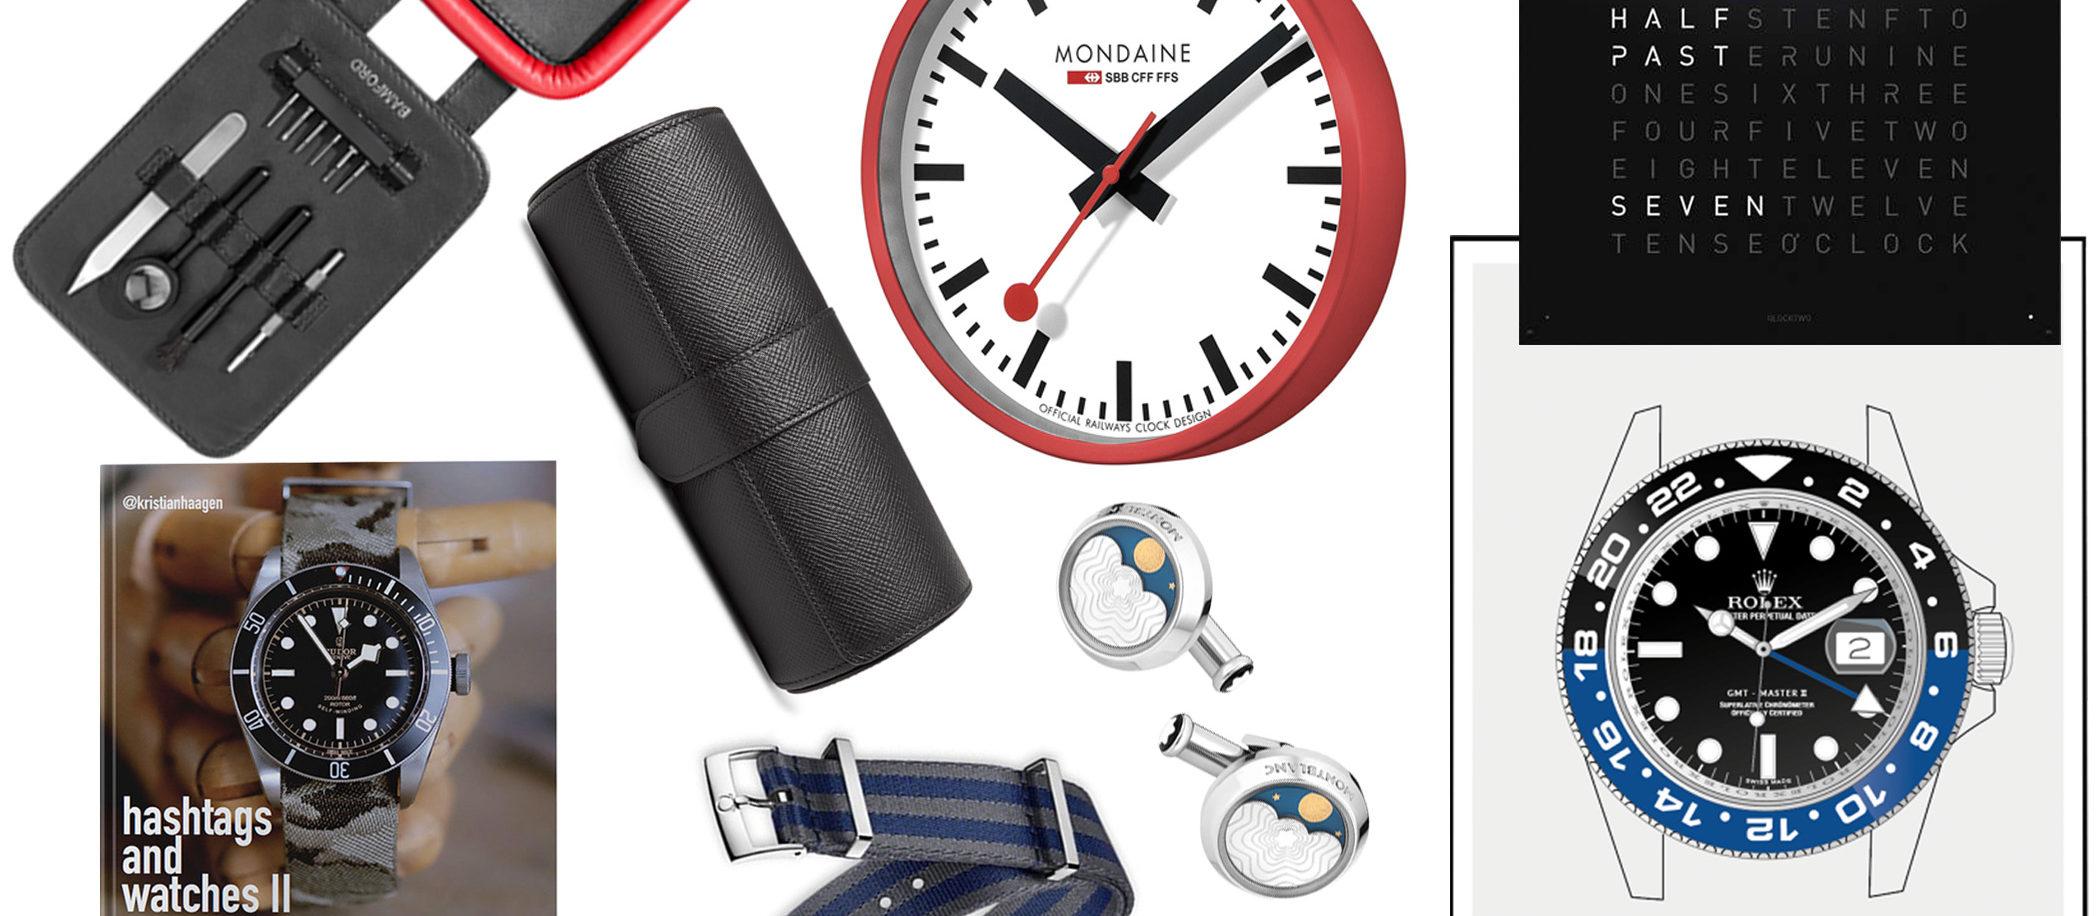 Pomysły na prezent dla miłośnika zegarków